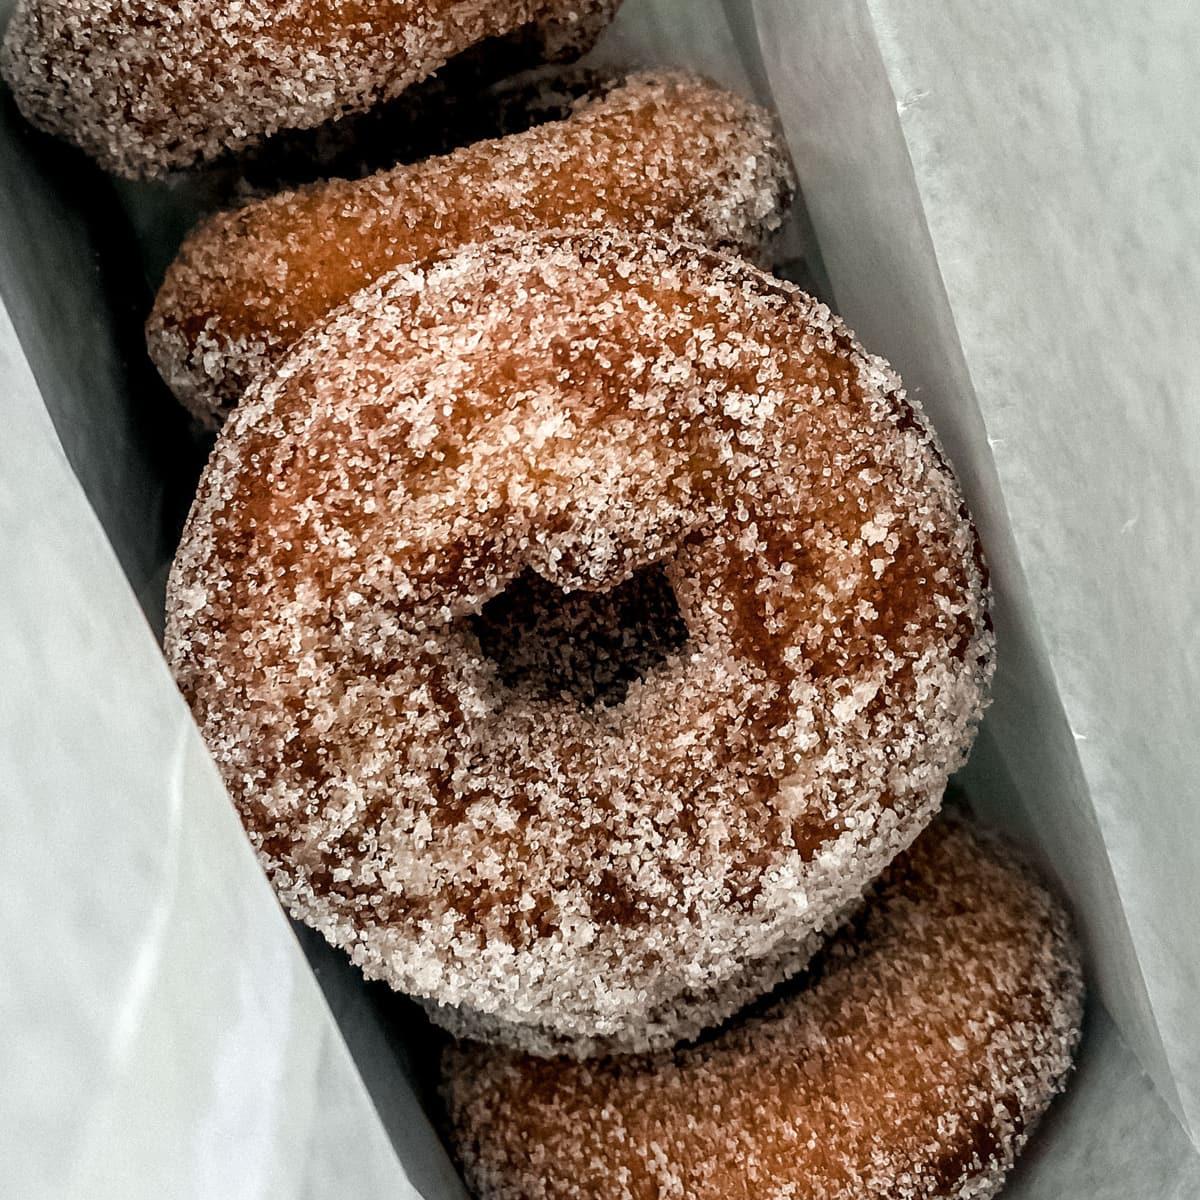 Doughnuts in a white bag